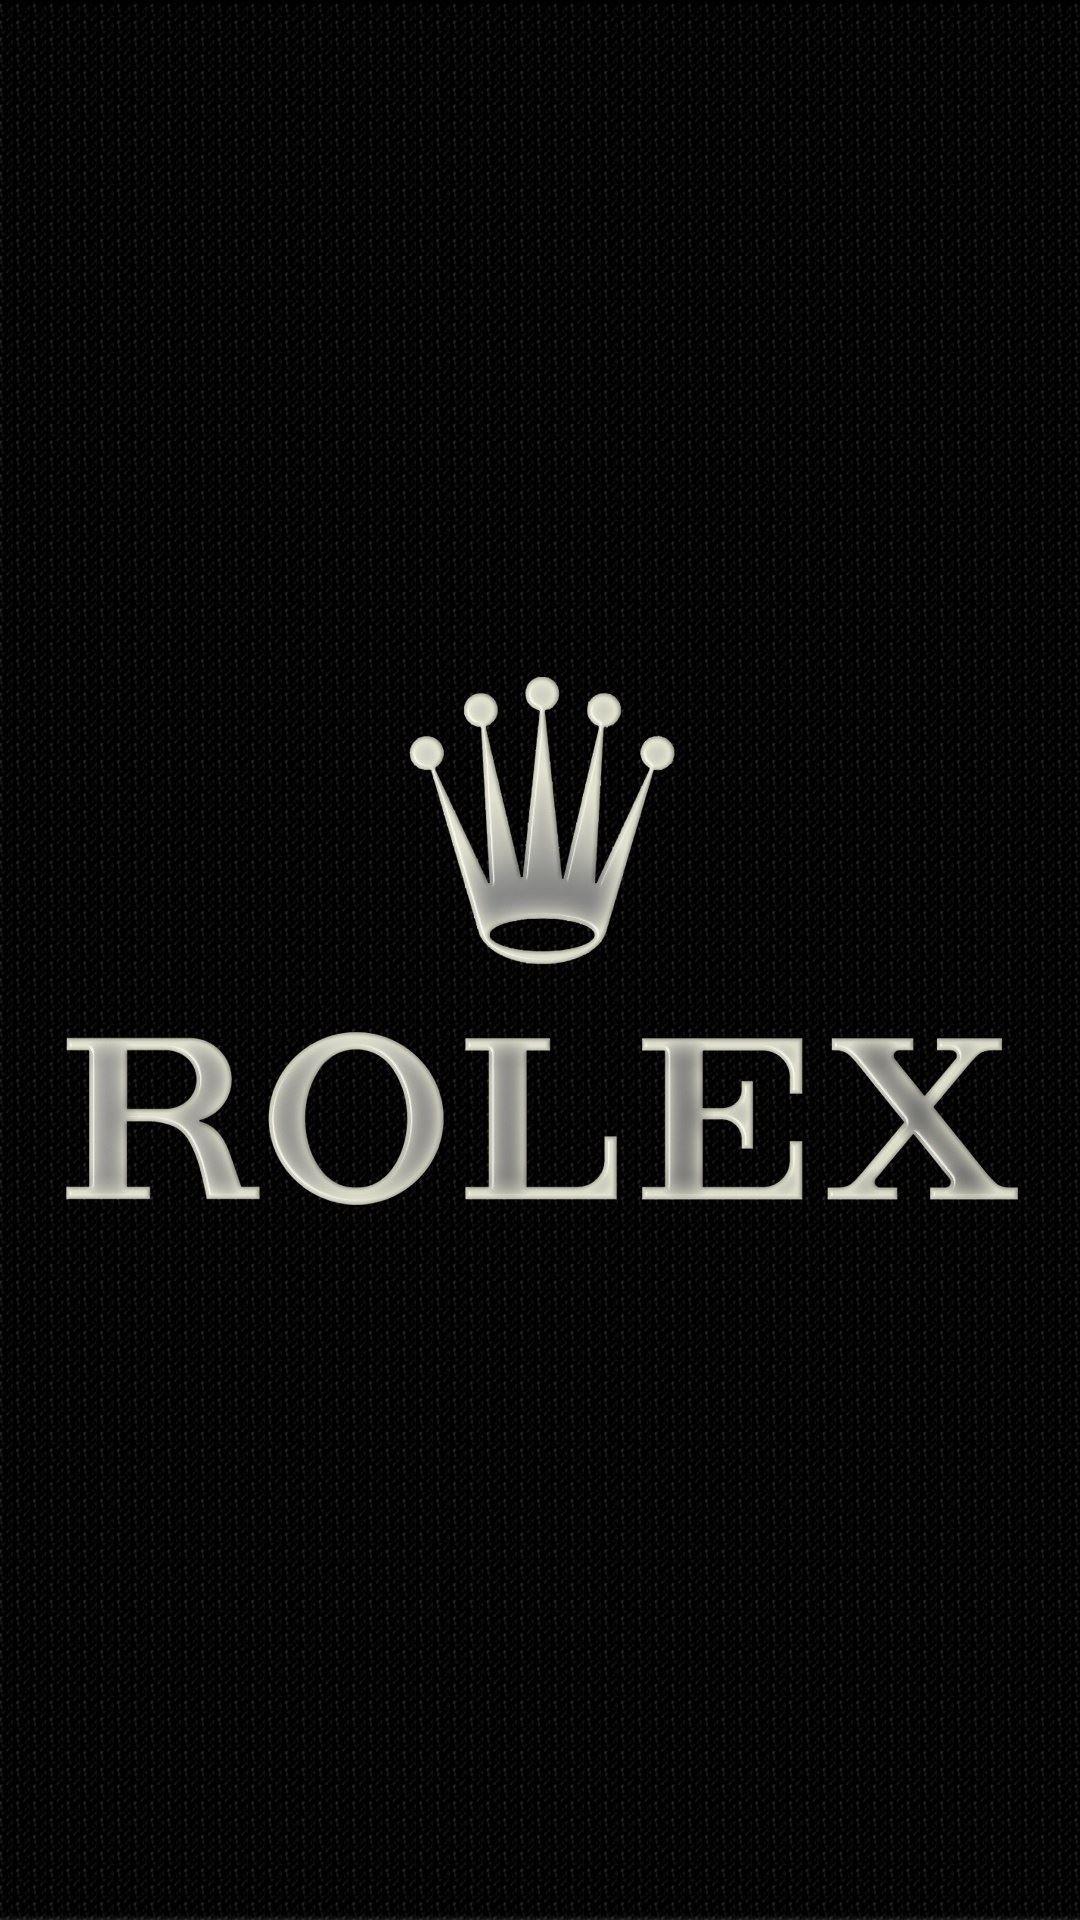 Popular Rolex Wallpaper - e1d7ccf0fc1baad30b01bec8b187dcfe Trends_104766.jpg